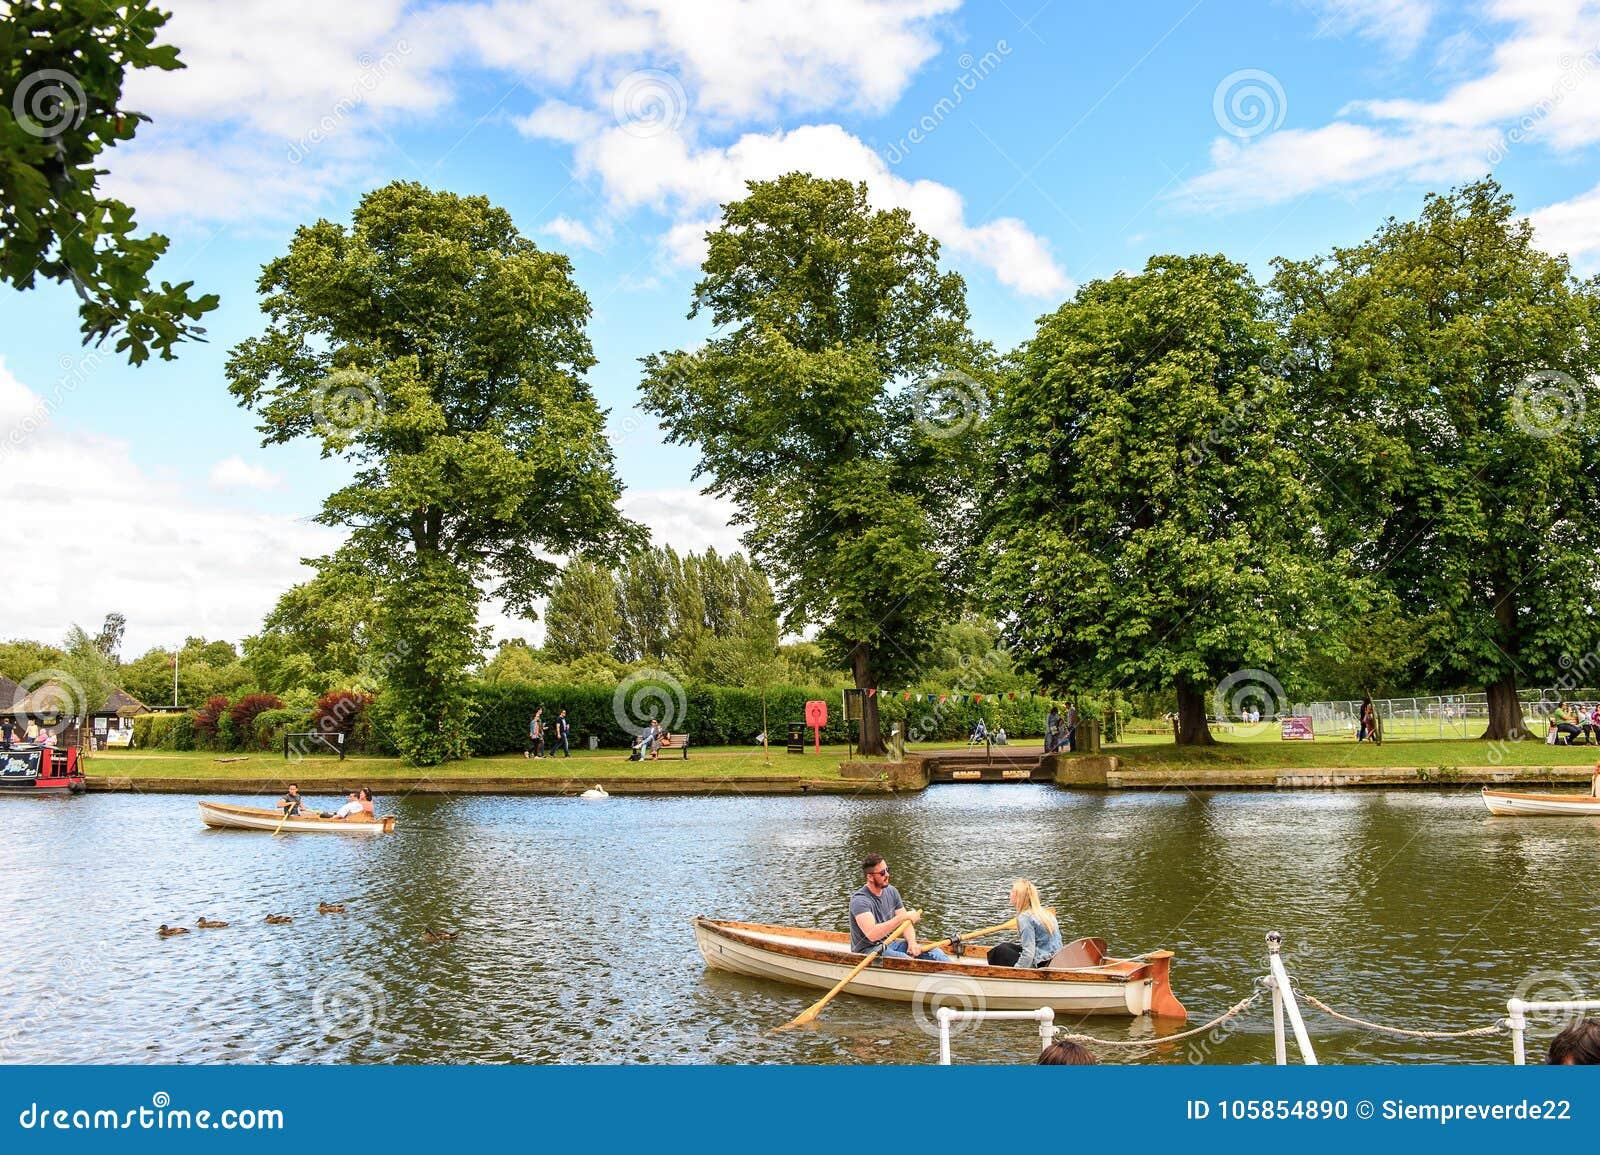 Park of Stratford on Avon, England, United Kingdom